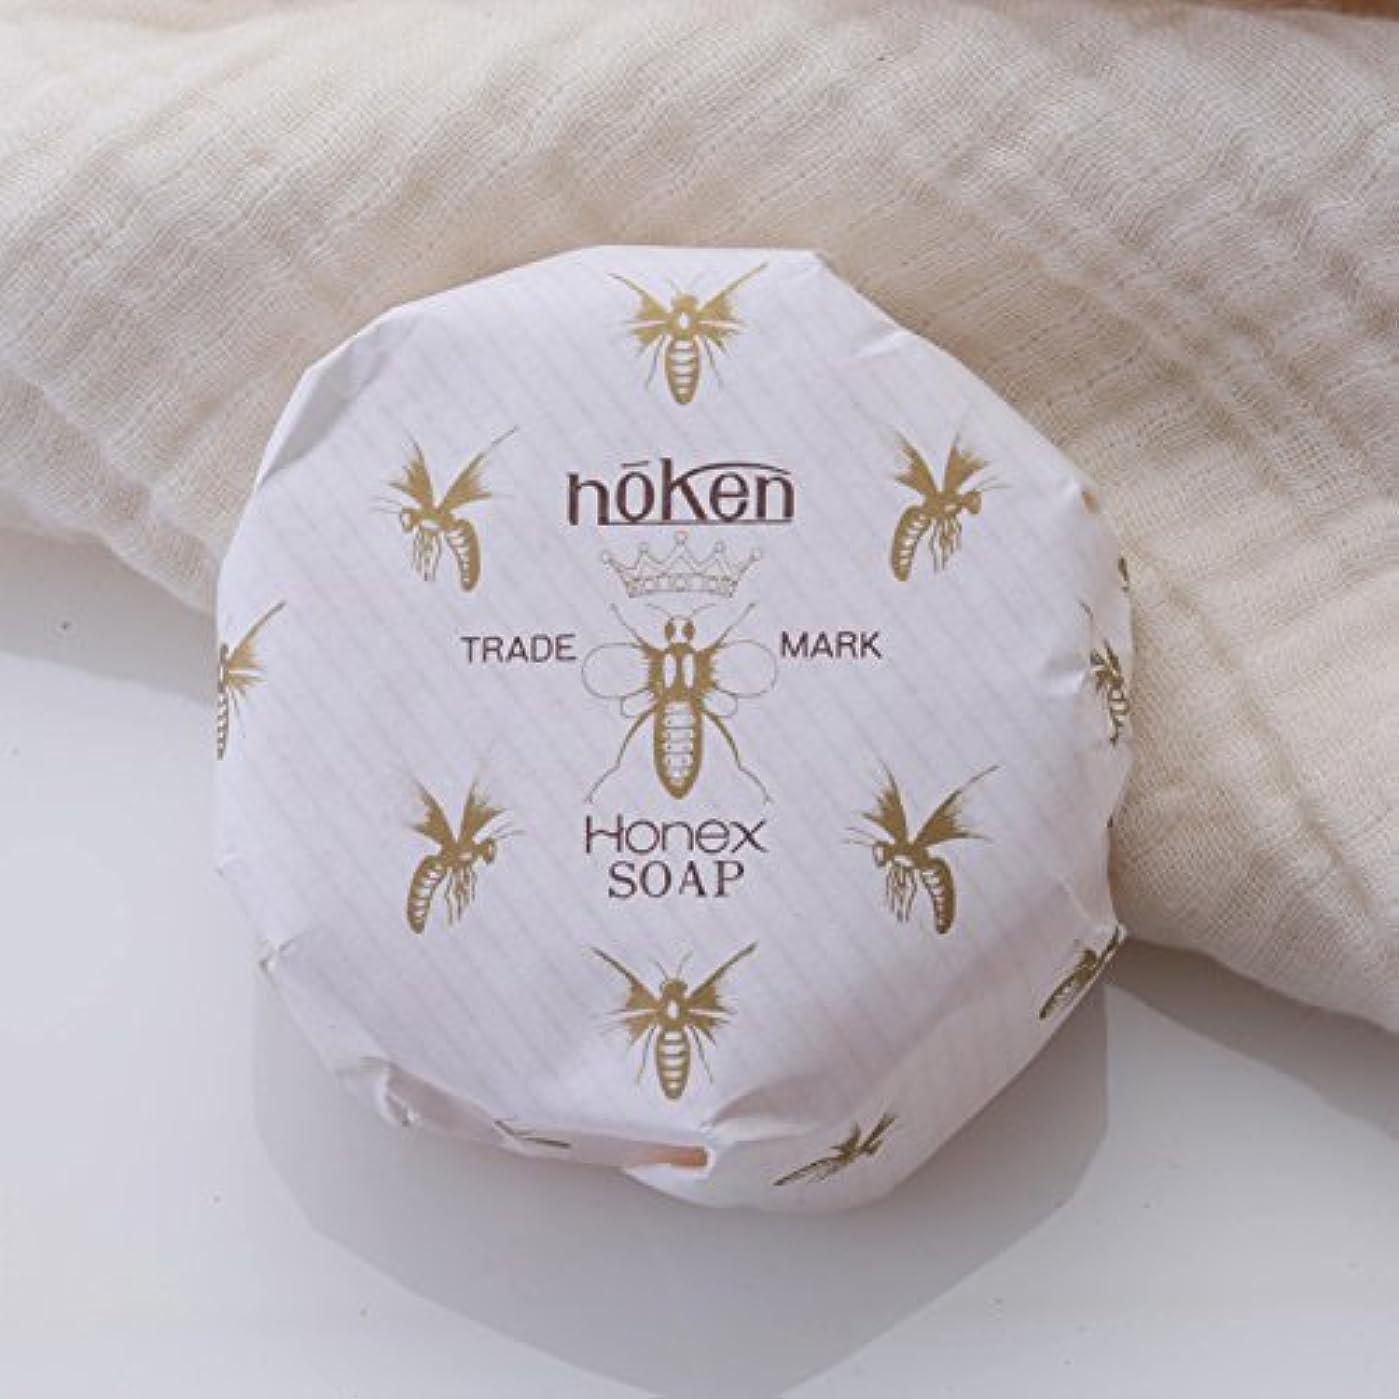 しなやか小さな腫瘍HOKEN/HONEYX ソープ 大